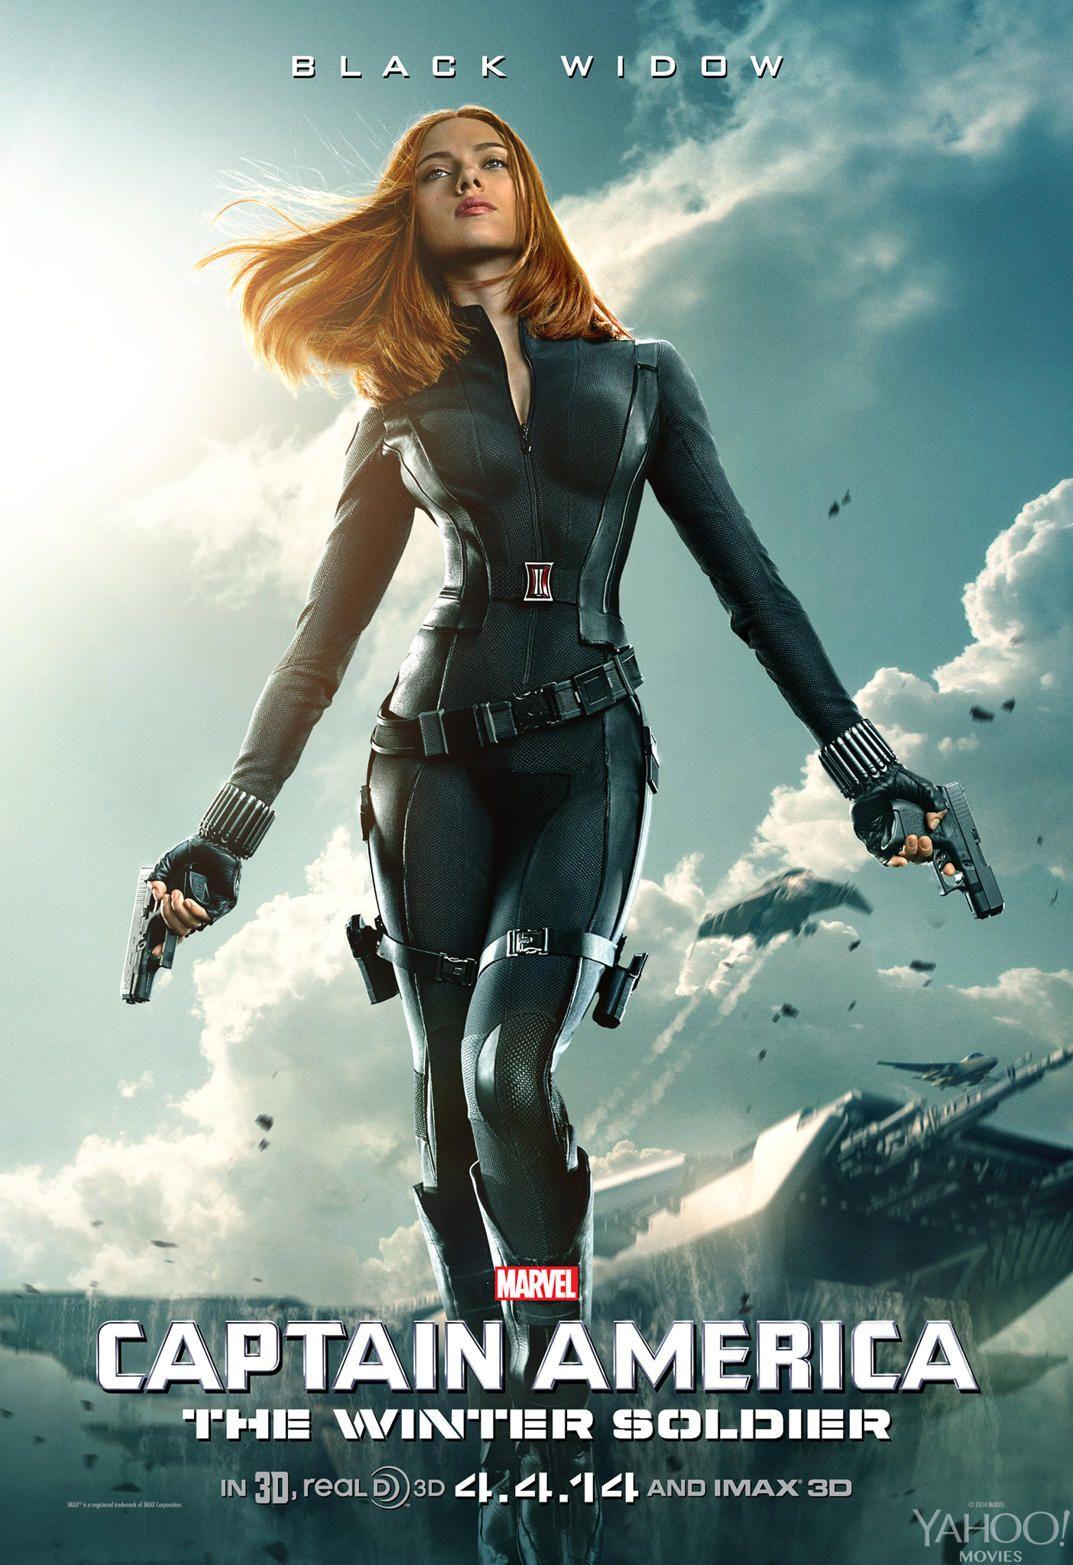 Drei Charakterposter zu Captain America 20 zeigen sehr ernste Helden